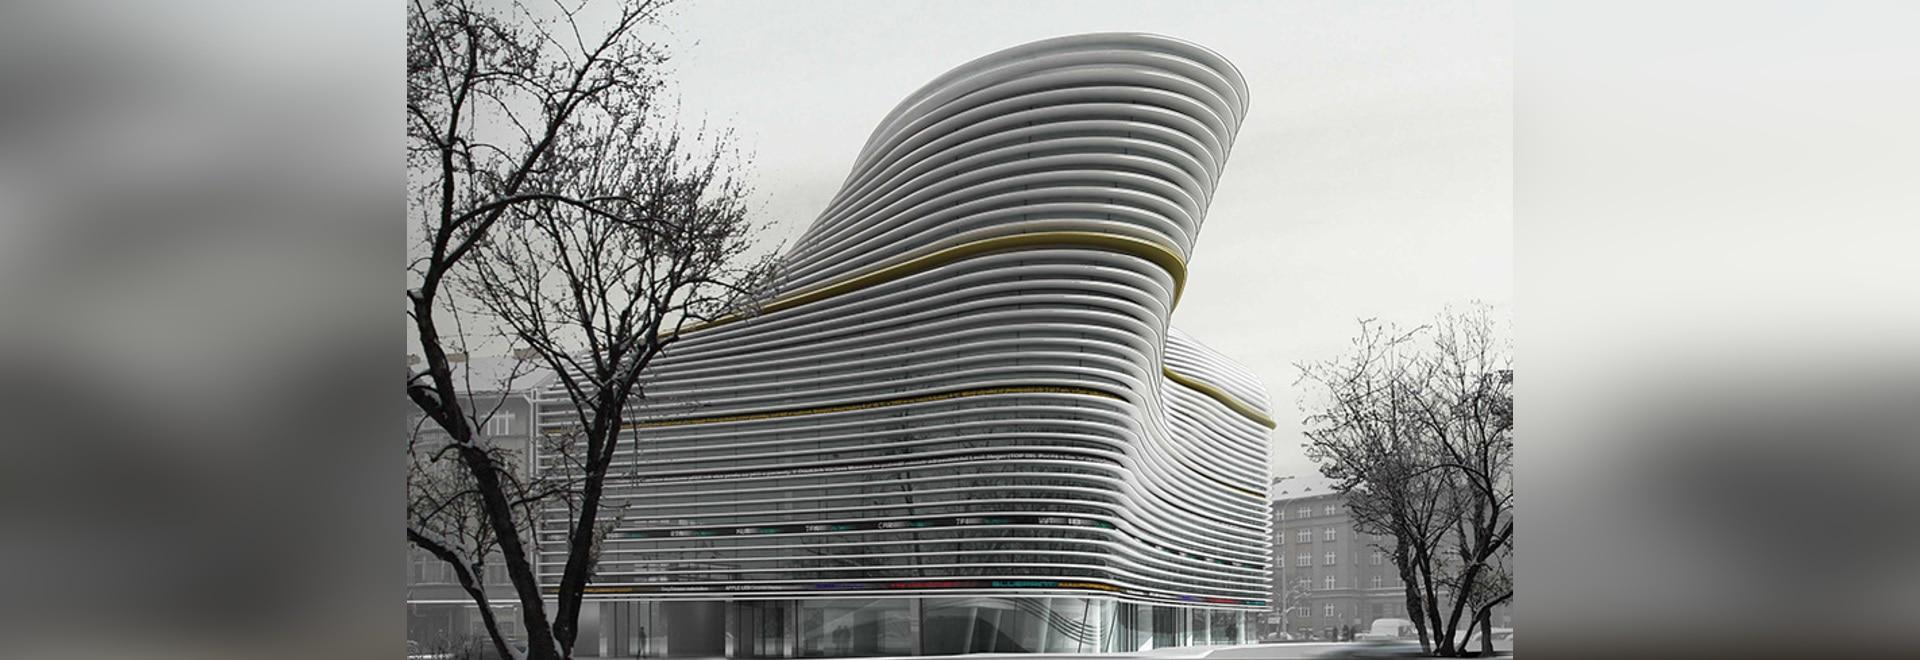 the line multi-purpose building by randan hubicka architectural studio